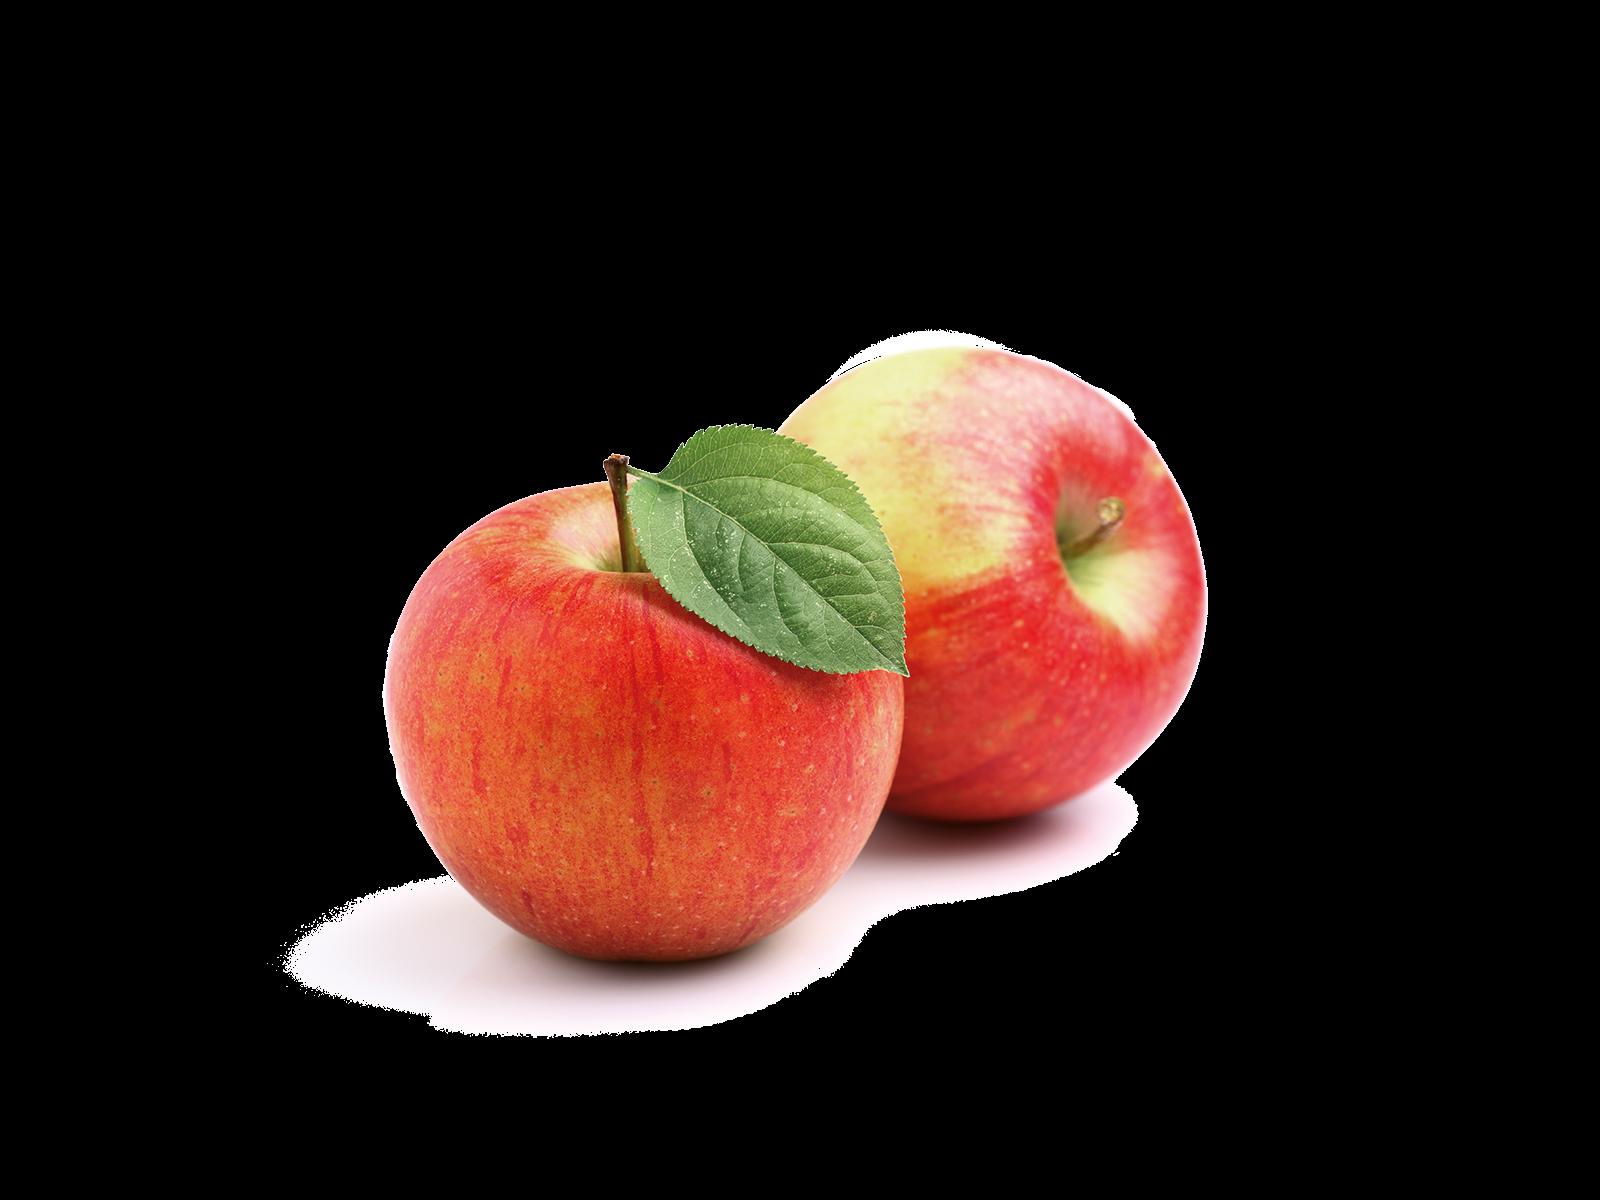 Wiesenblumen aus dem Produkt Snacks Apfelchips für Nager von Speers Hoff